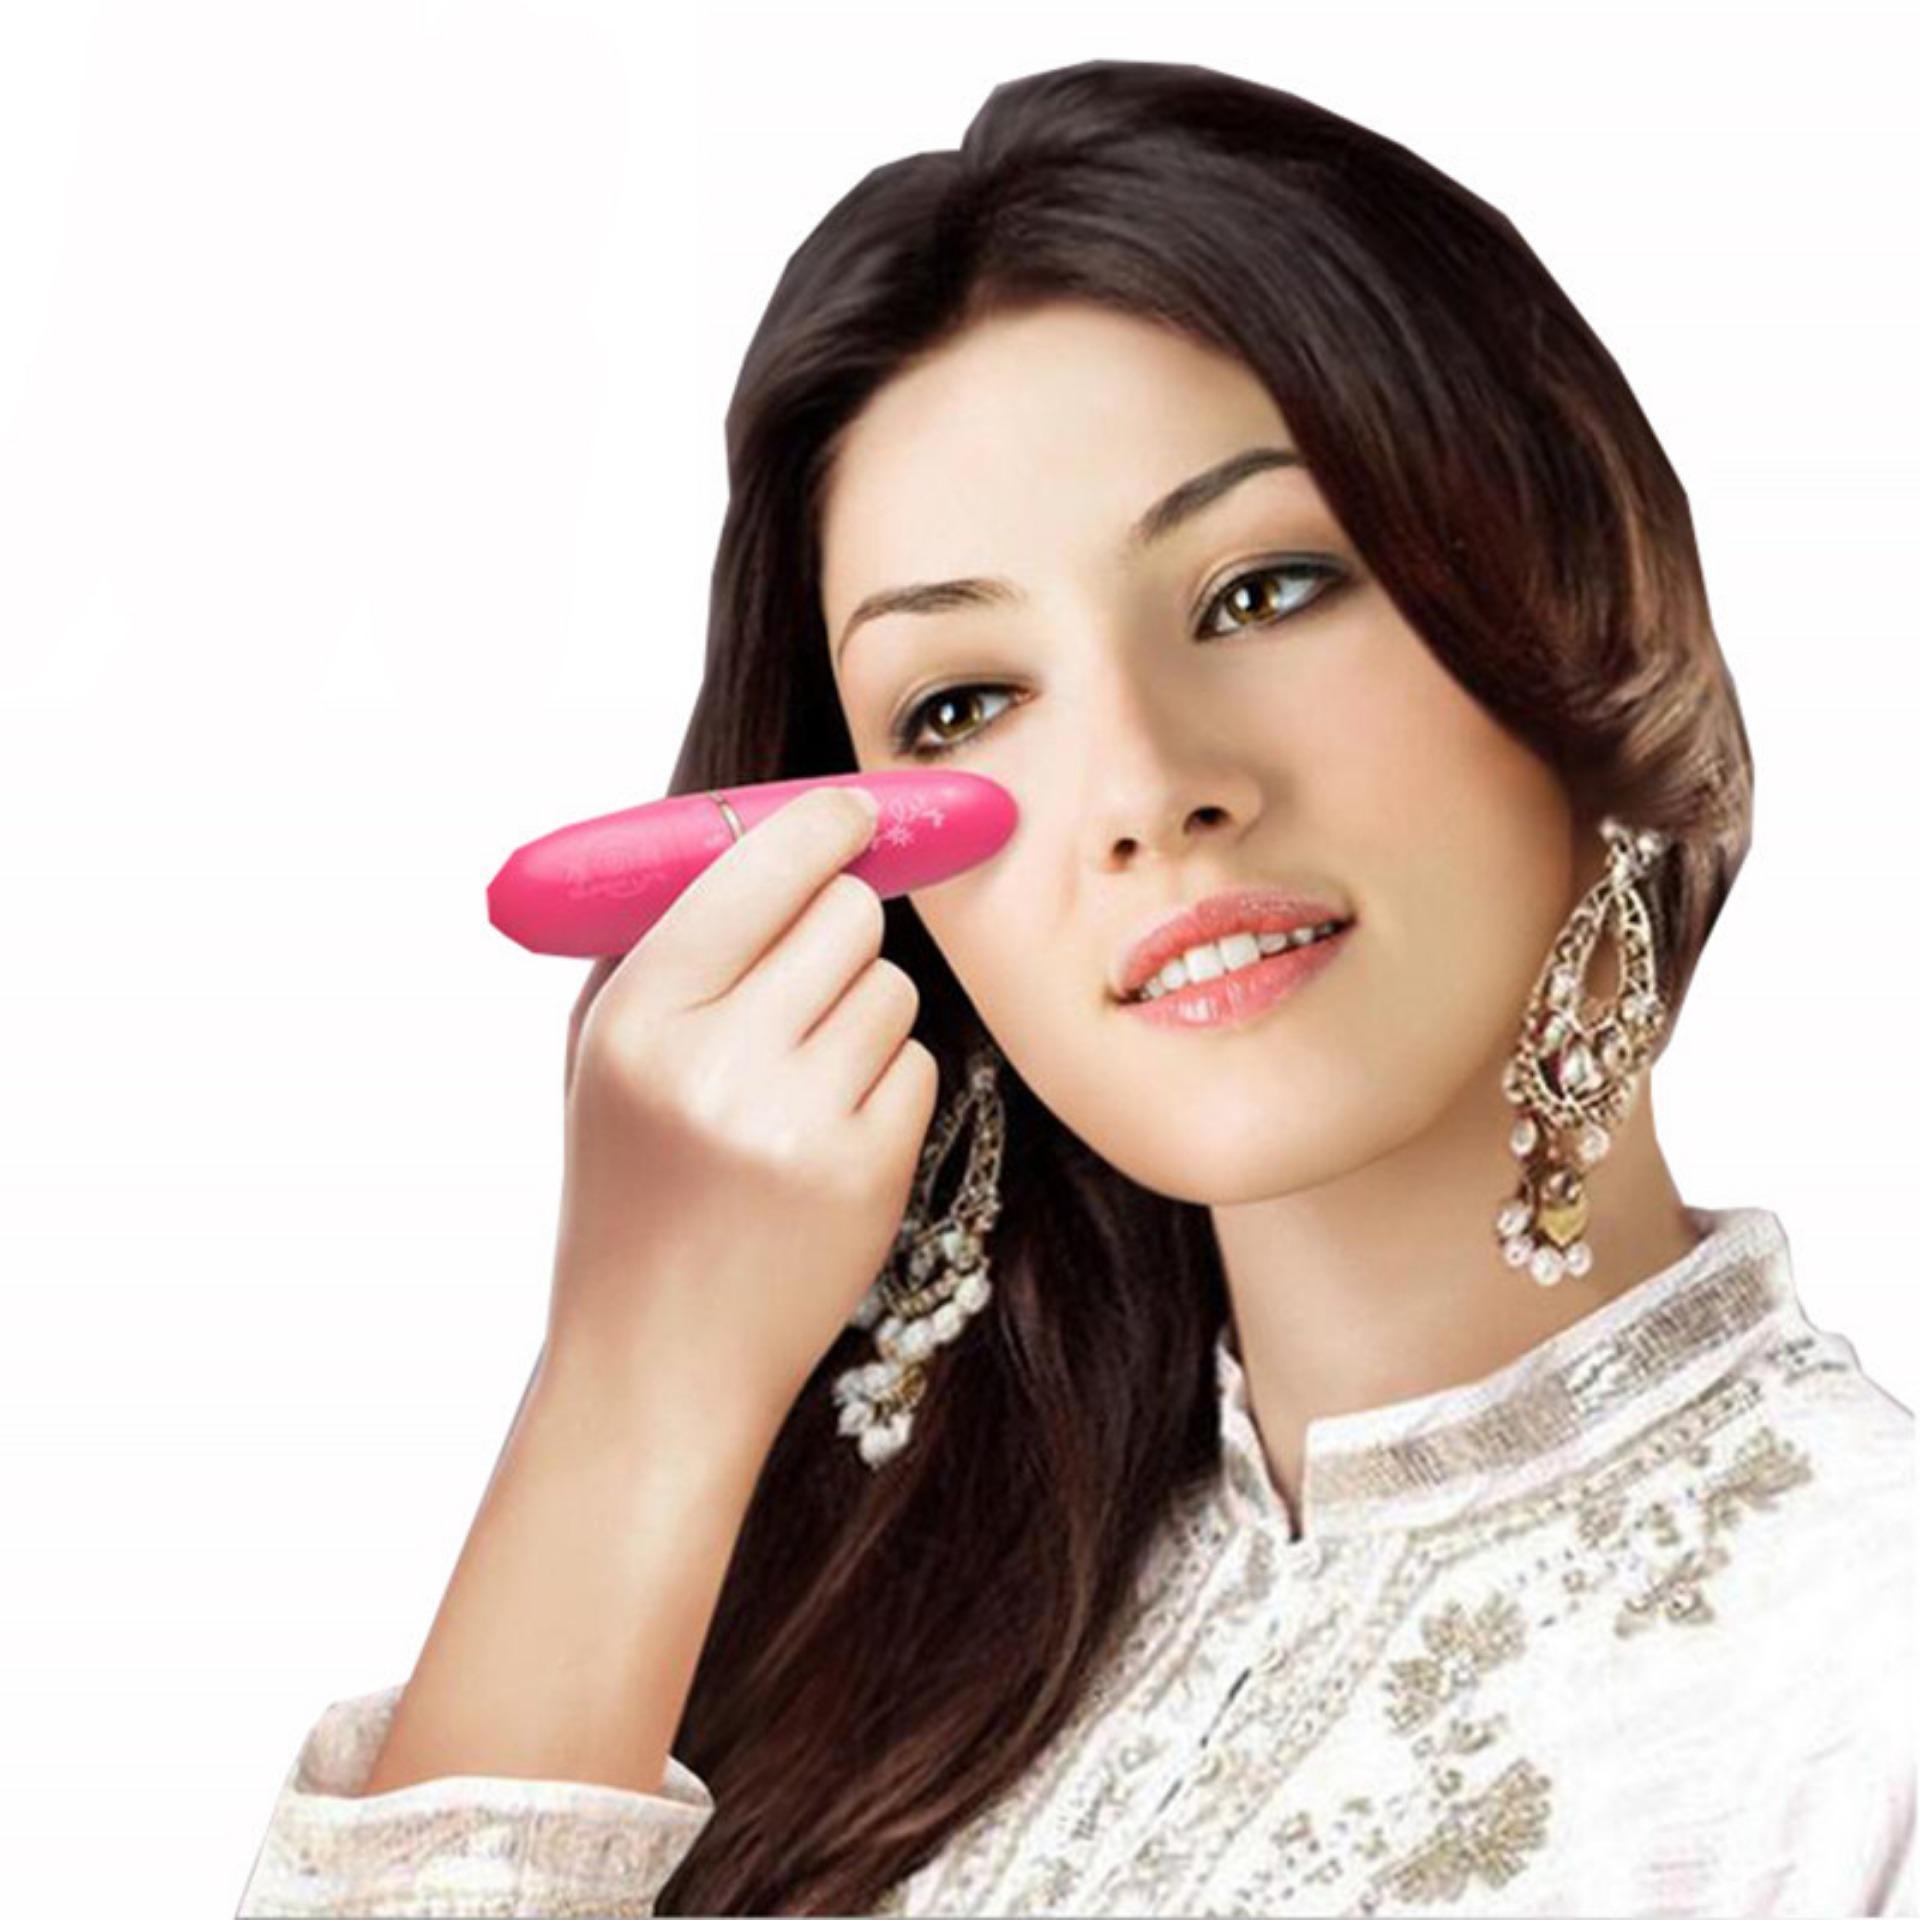 Mini Massager Face Facial - Alat Pijat Wajah & Mata Elektrik Alat Pijat Elektrik Alat Kecantikan Untuk Memijat Wajah Alat Mengencangkan Otot - Warna Random